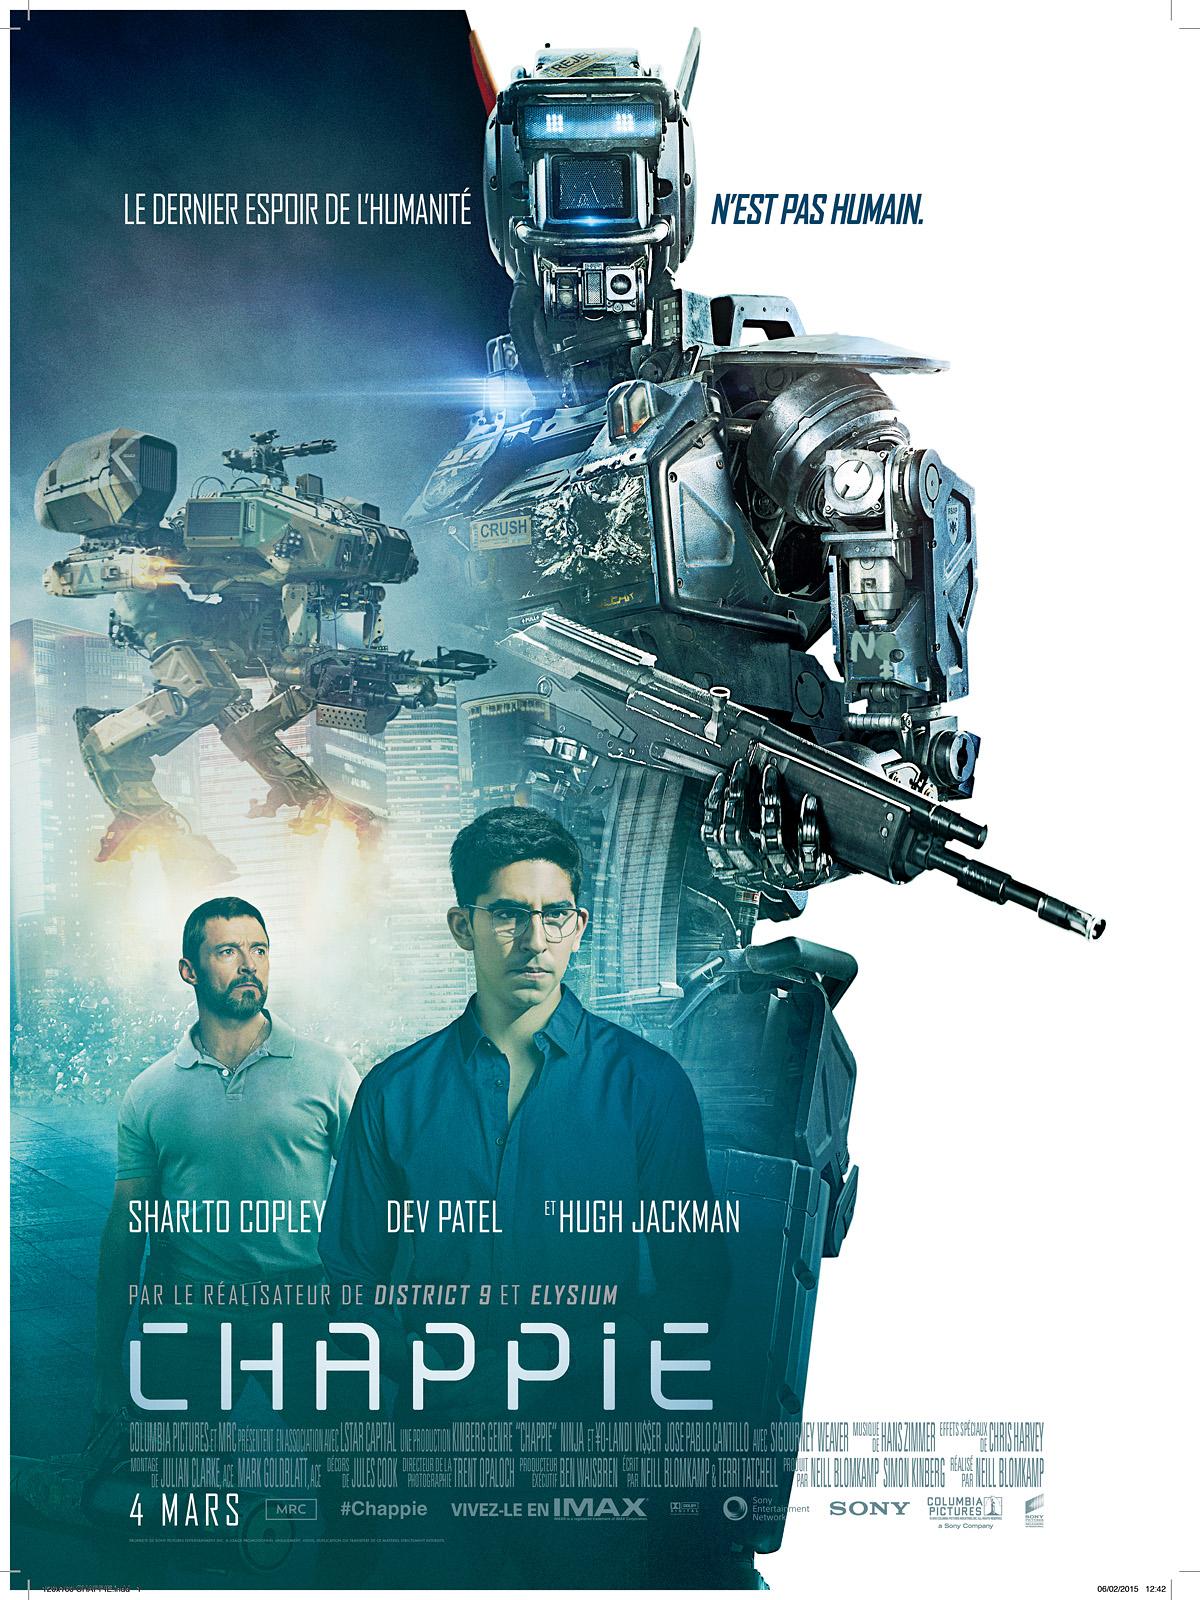 chappie film 2015 allocin - Affiche Garcon Robot